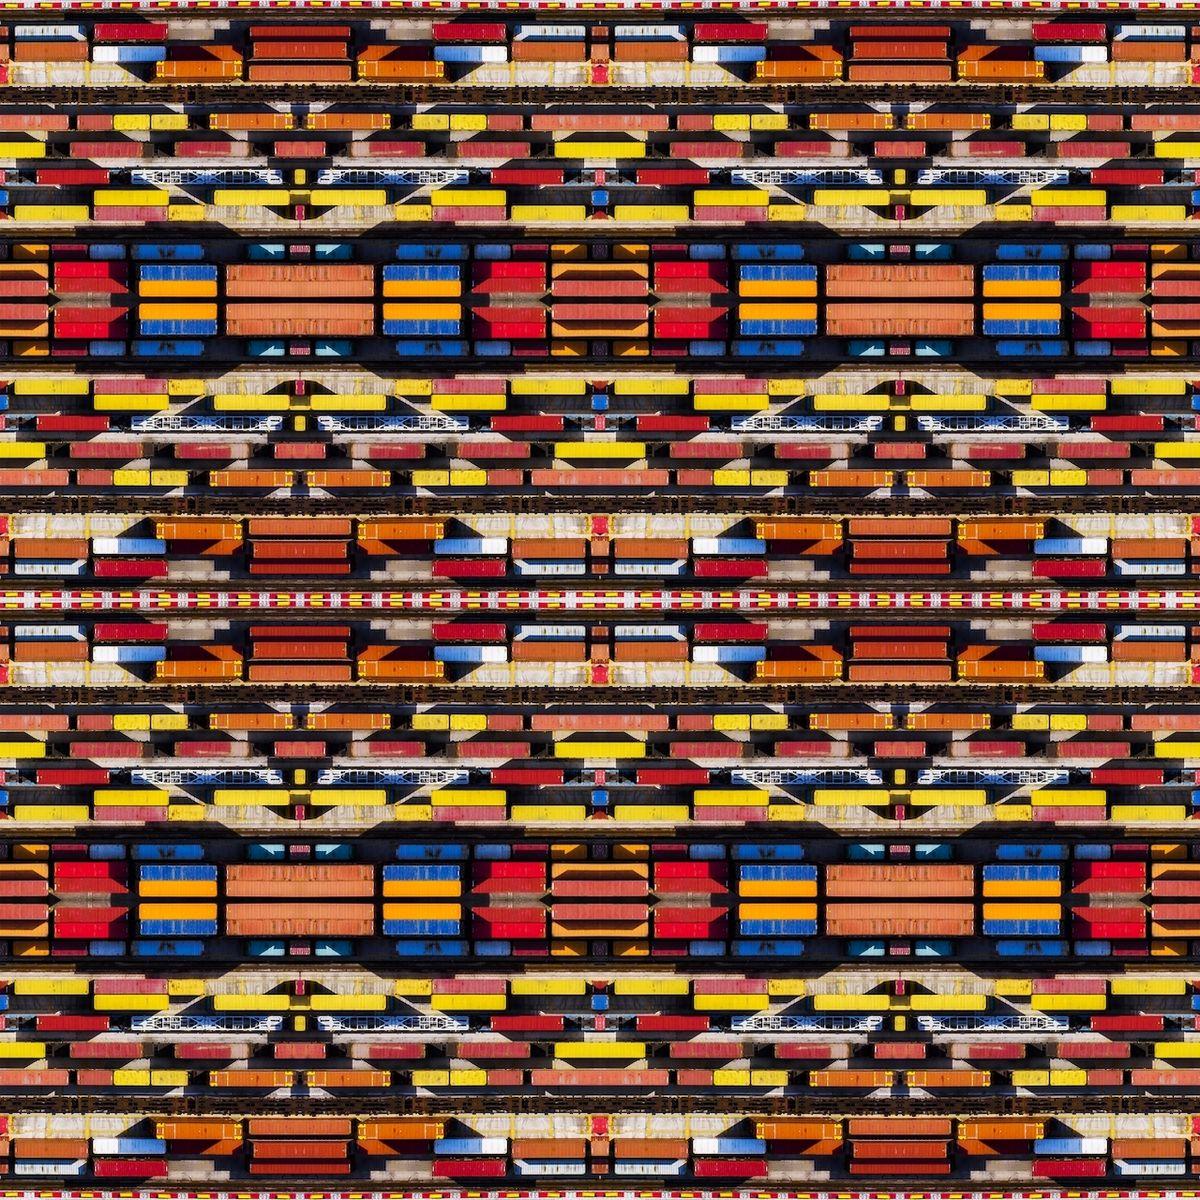 Kaleidoskopio (Benátsko, Itálie) - Finalista kategorie Abstrakt. Tato fotka byla inspirována barevnými vzory kmene Navajo. Jasné barvy kontejnerů a diagonály tvořené hrou světla a stínu dávají ožít zajímavému vzoru.